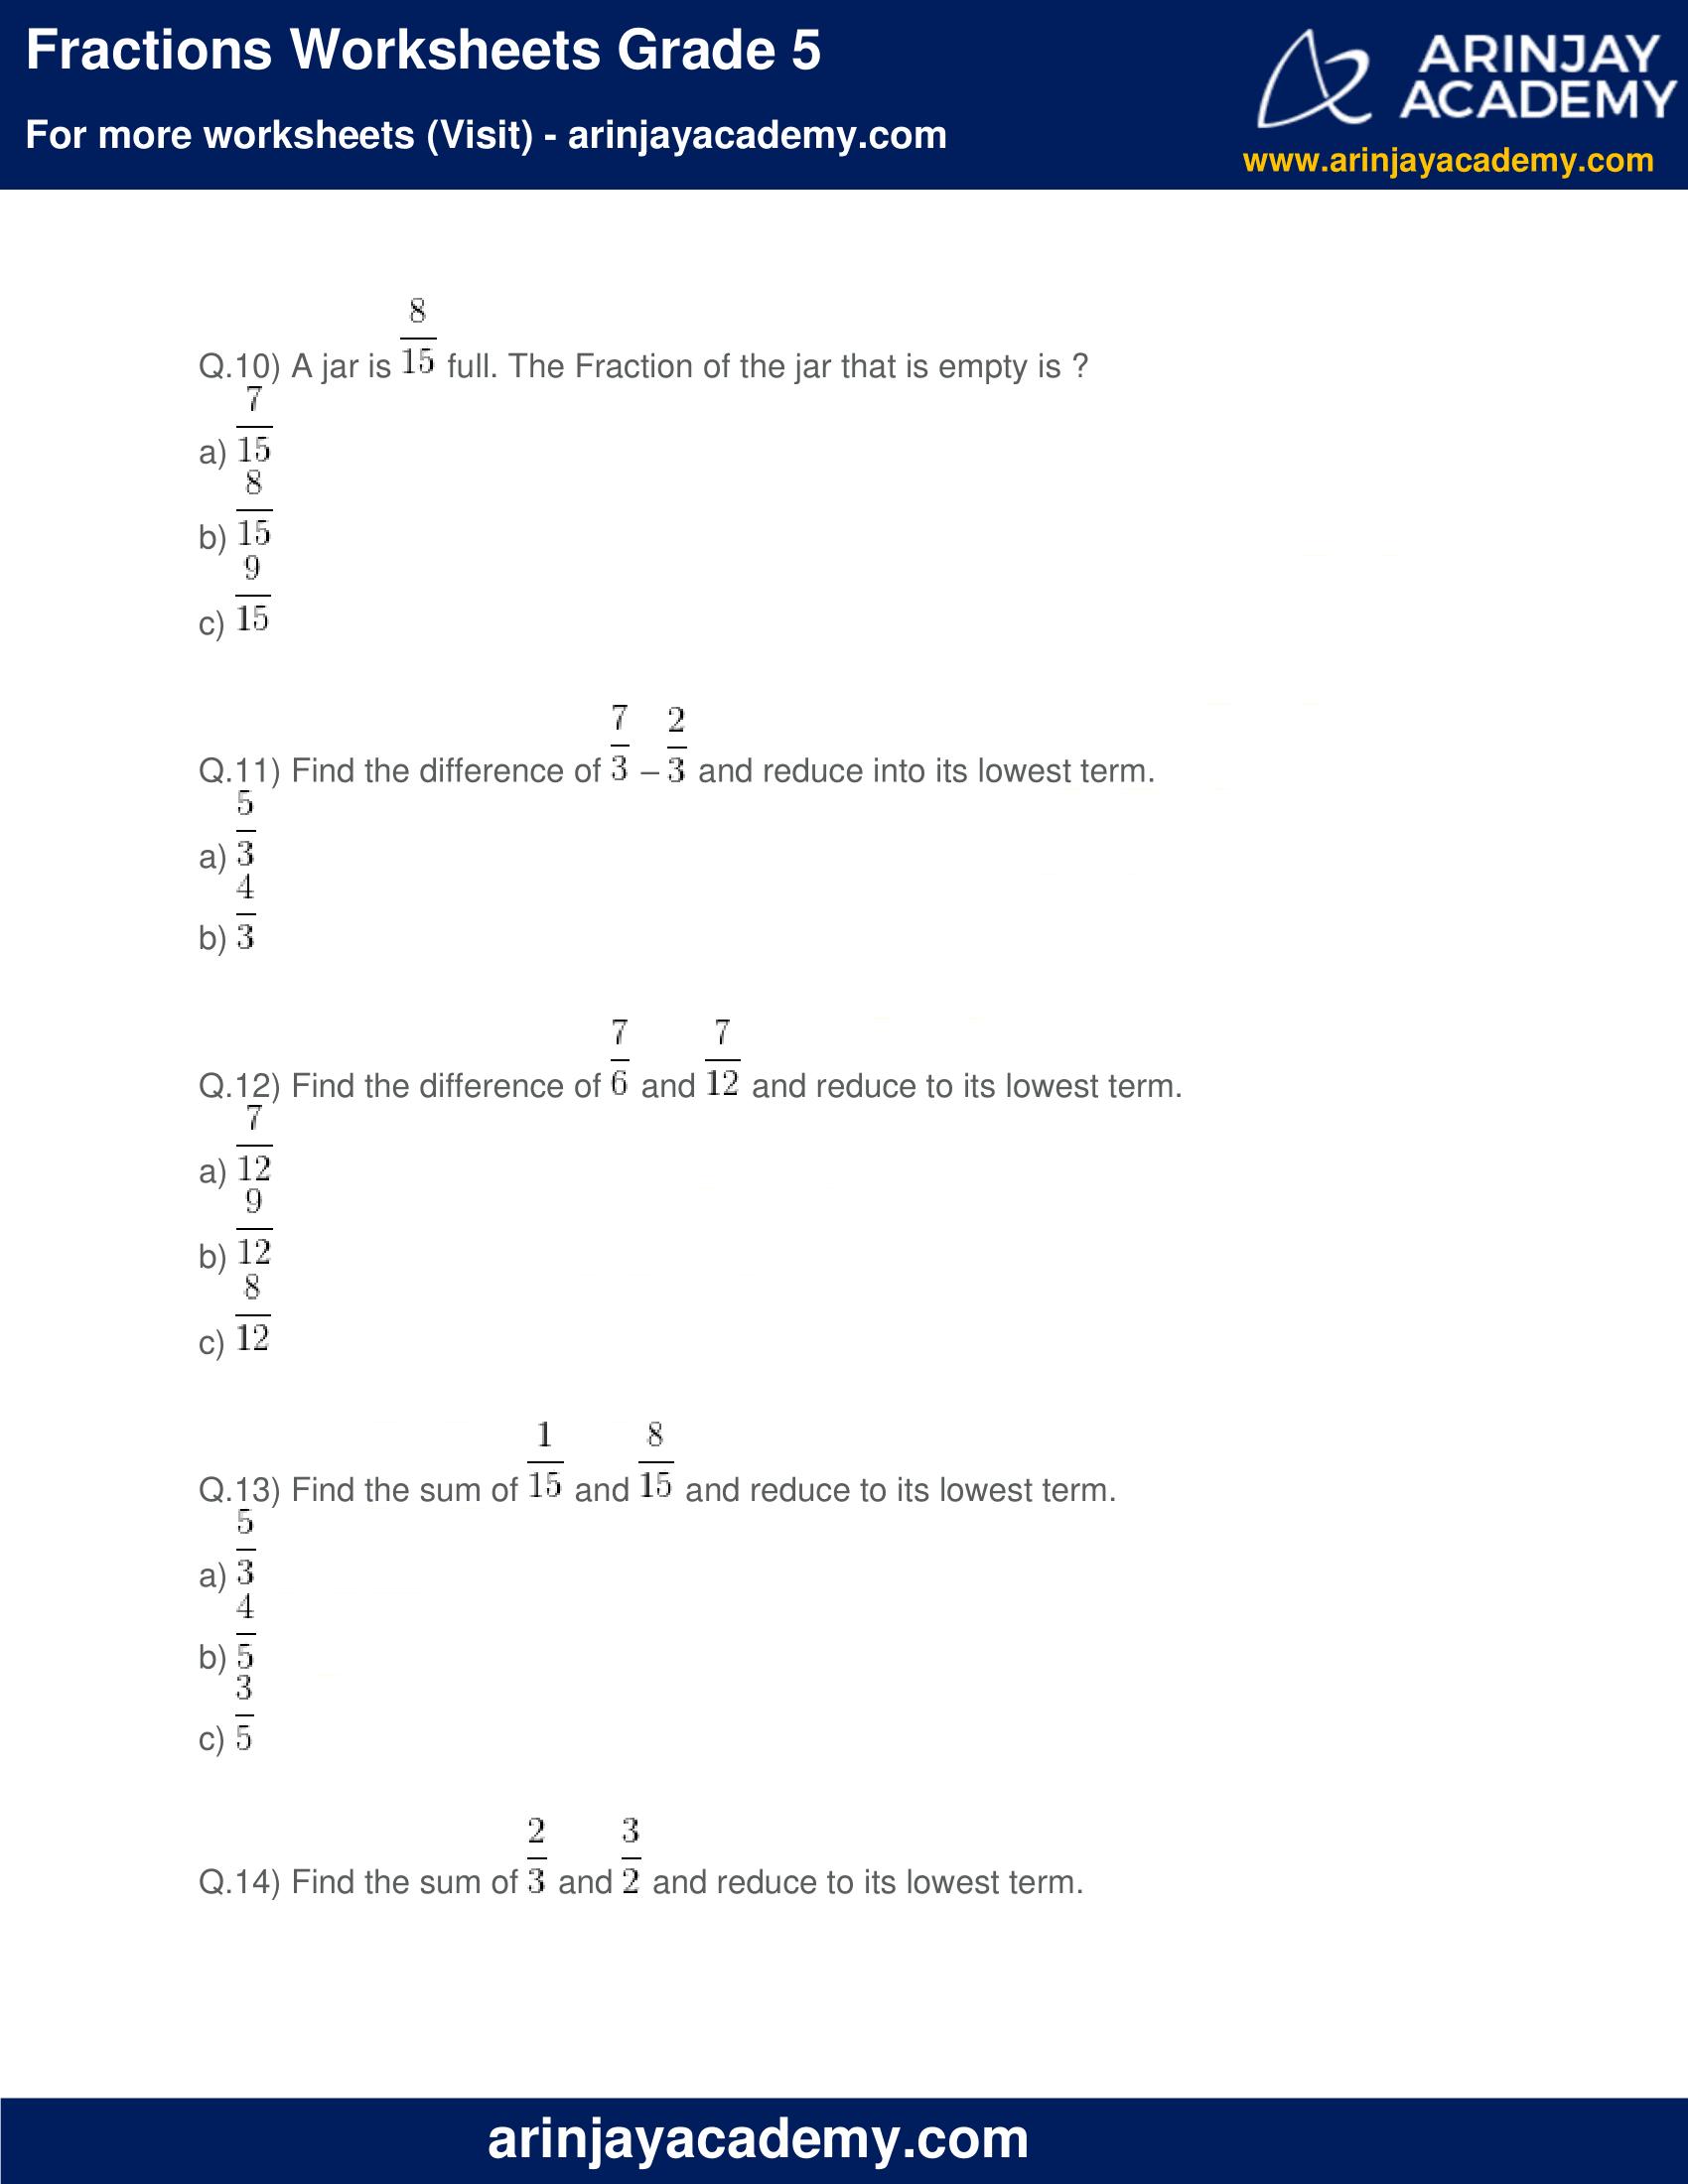 Fractions Worksheets Grade 5 image 3